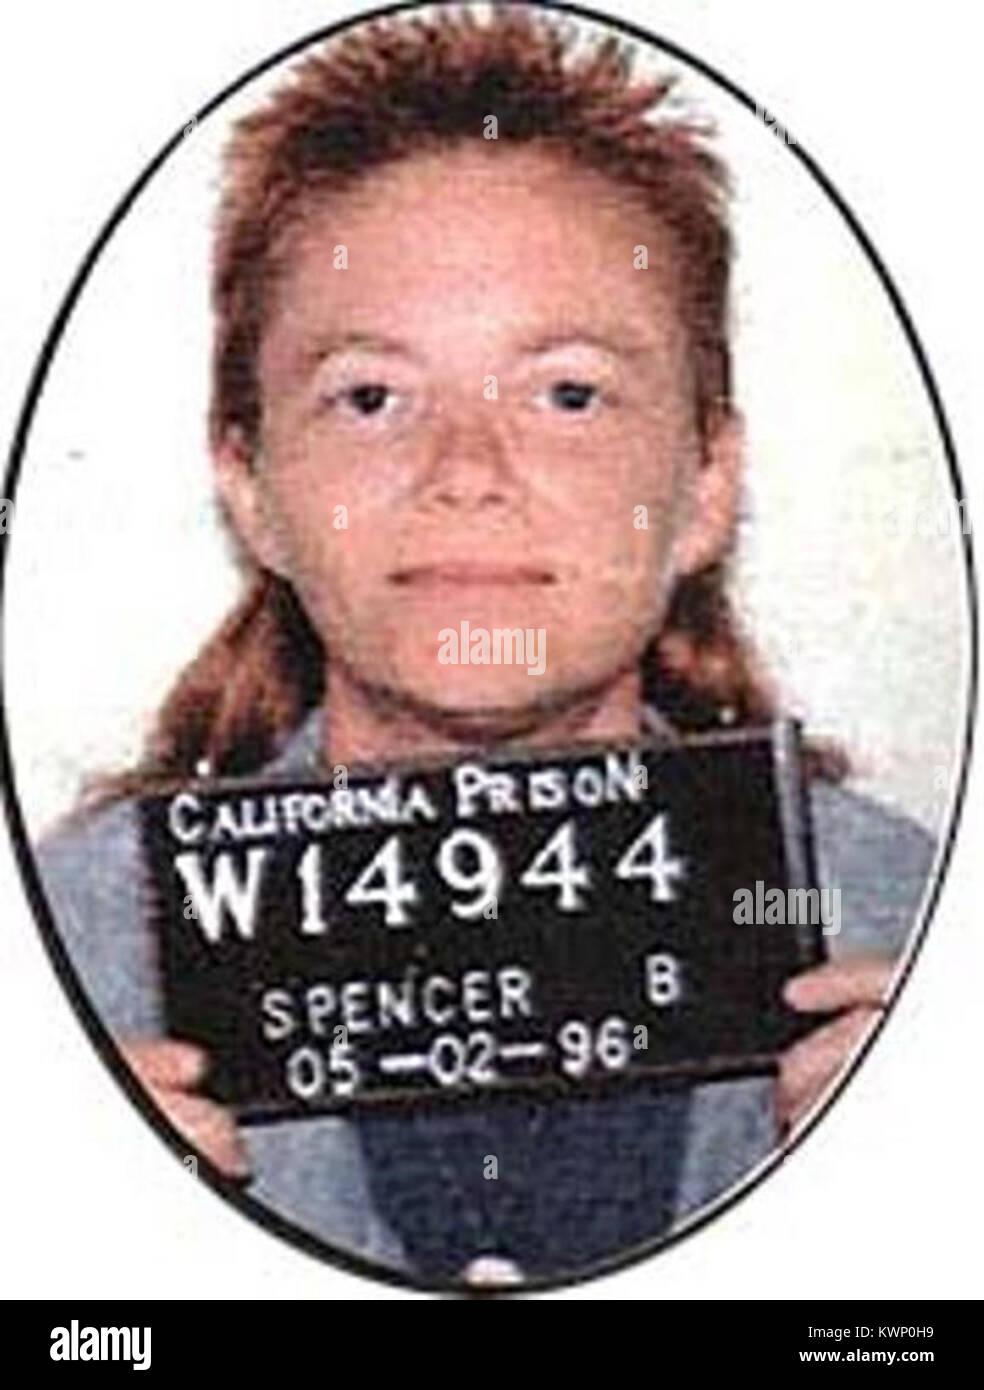 Brenda Ann Spencer, verpflichtet die Cleveland Elementary School shooting, 29. Januar 1979 Stockbild